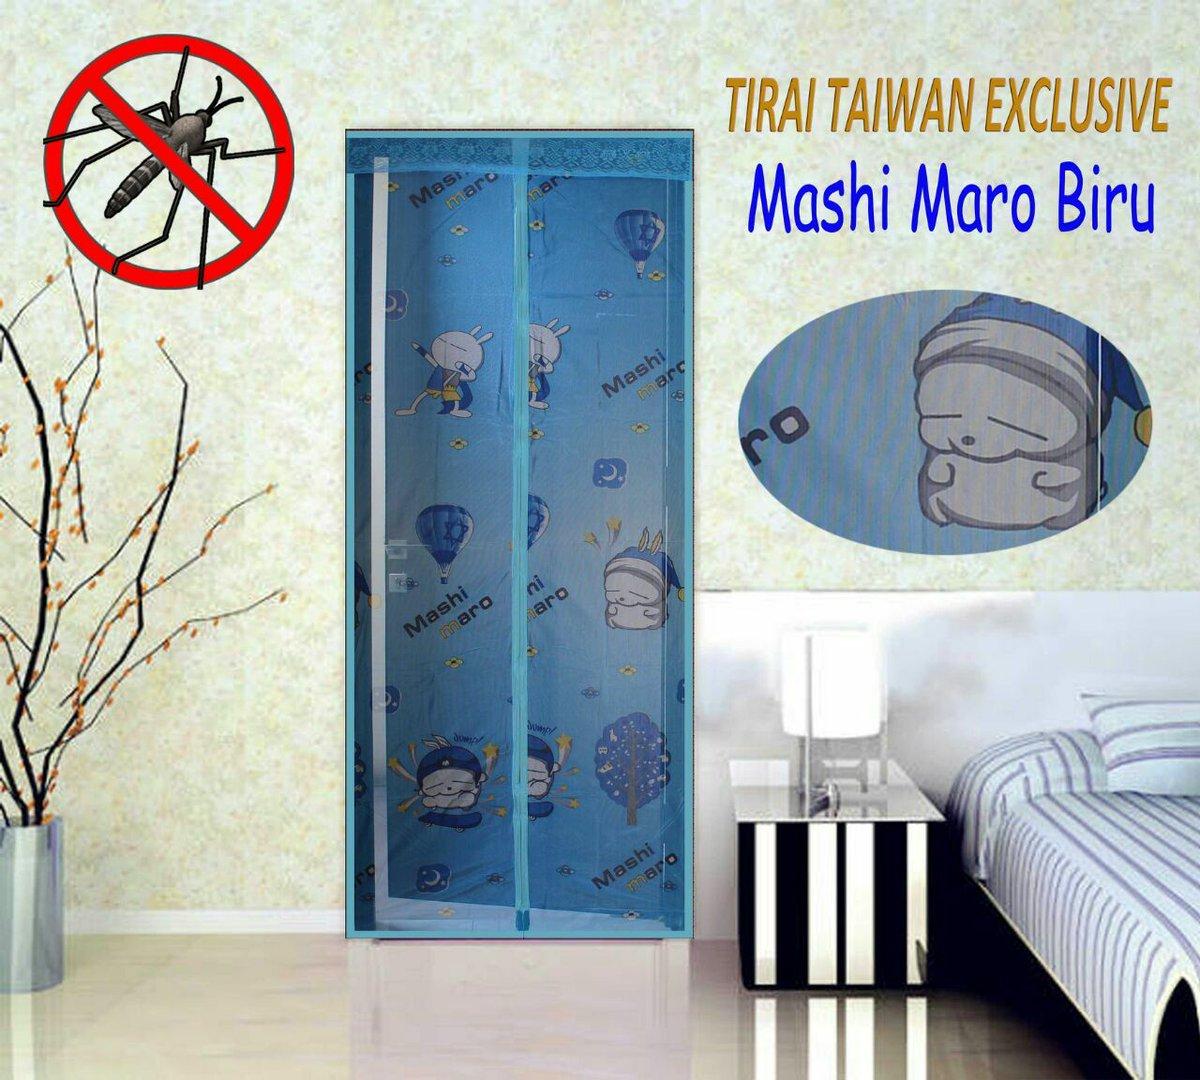 Tirai Anti Nyamuk Magnetik Yogyakarta Tirai yang dilengkapi magnet sehingga setelah dilewati tirai menyatu dengan segera sebelum nyamuk ikut masuk kamar ...